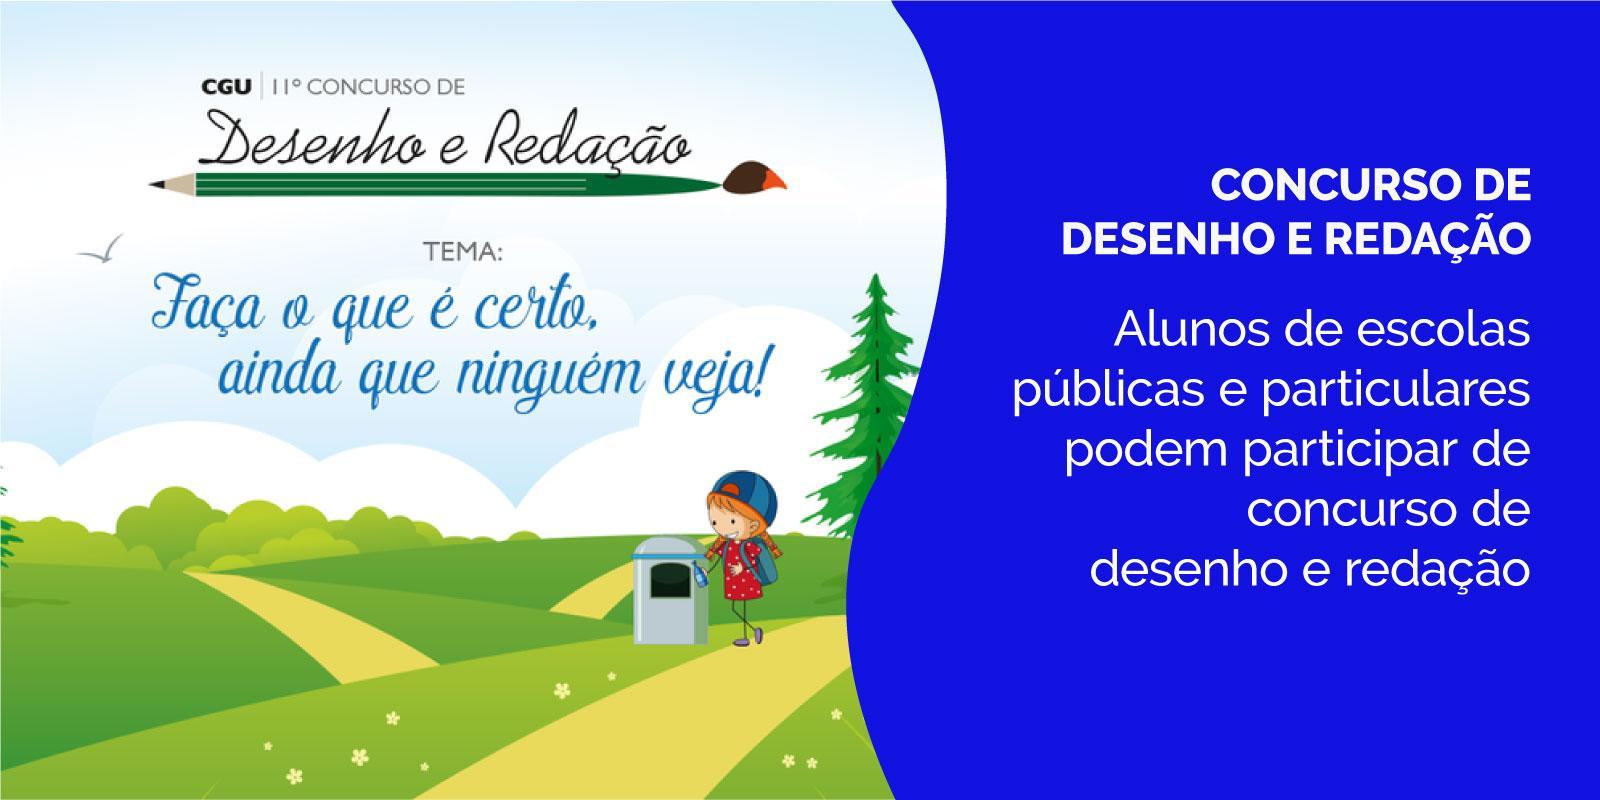 Alunos de escolas públicas e particulares podem participar de concurso de desenho e redação